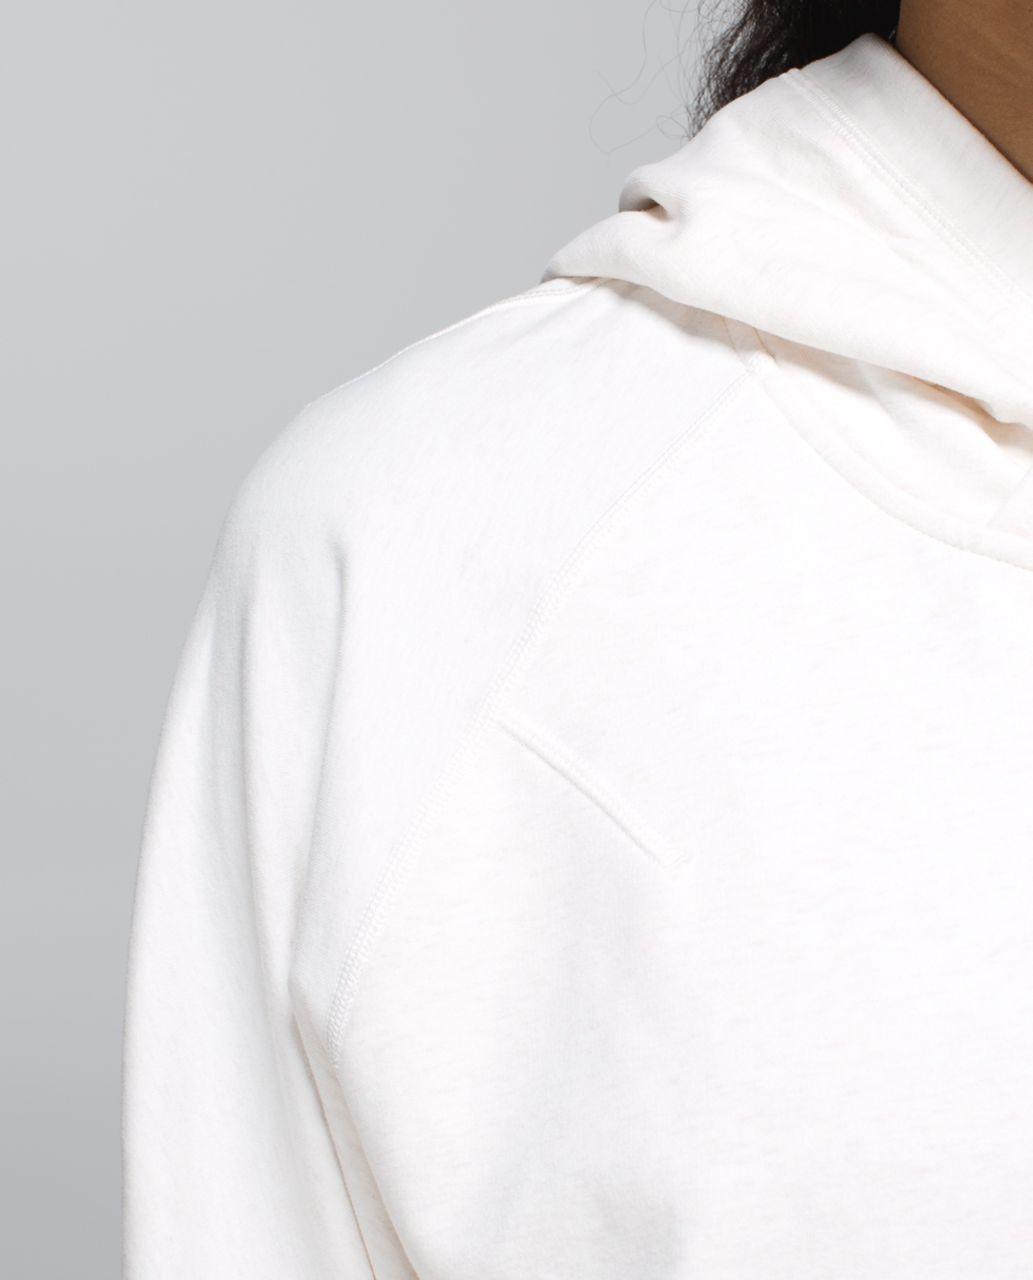 Lululemon Om & Roam Pullover - Heathered Angel White / Ghost / White